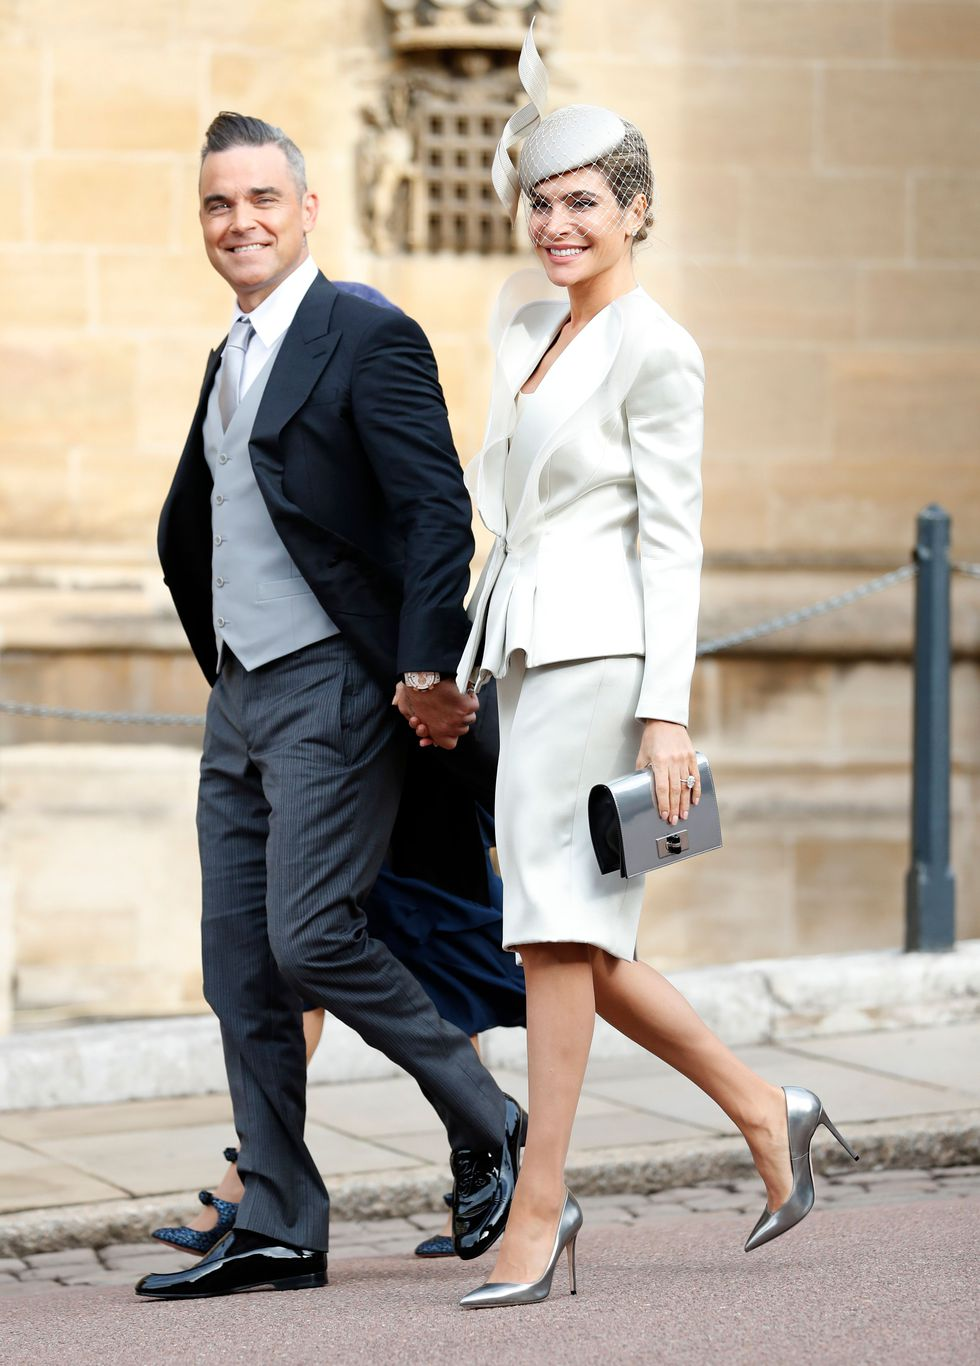 dàn sao đến tham dự đám cưới của công chúa Eugenie 4